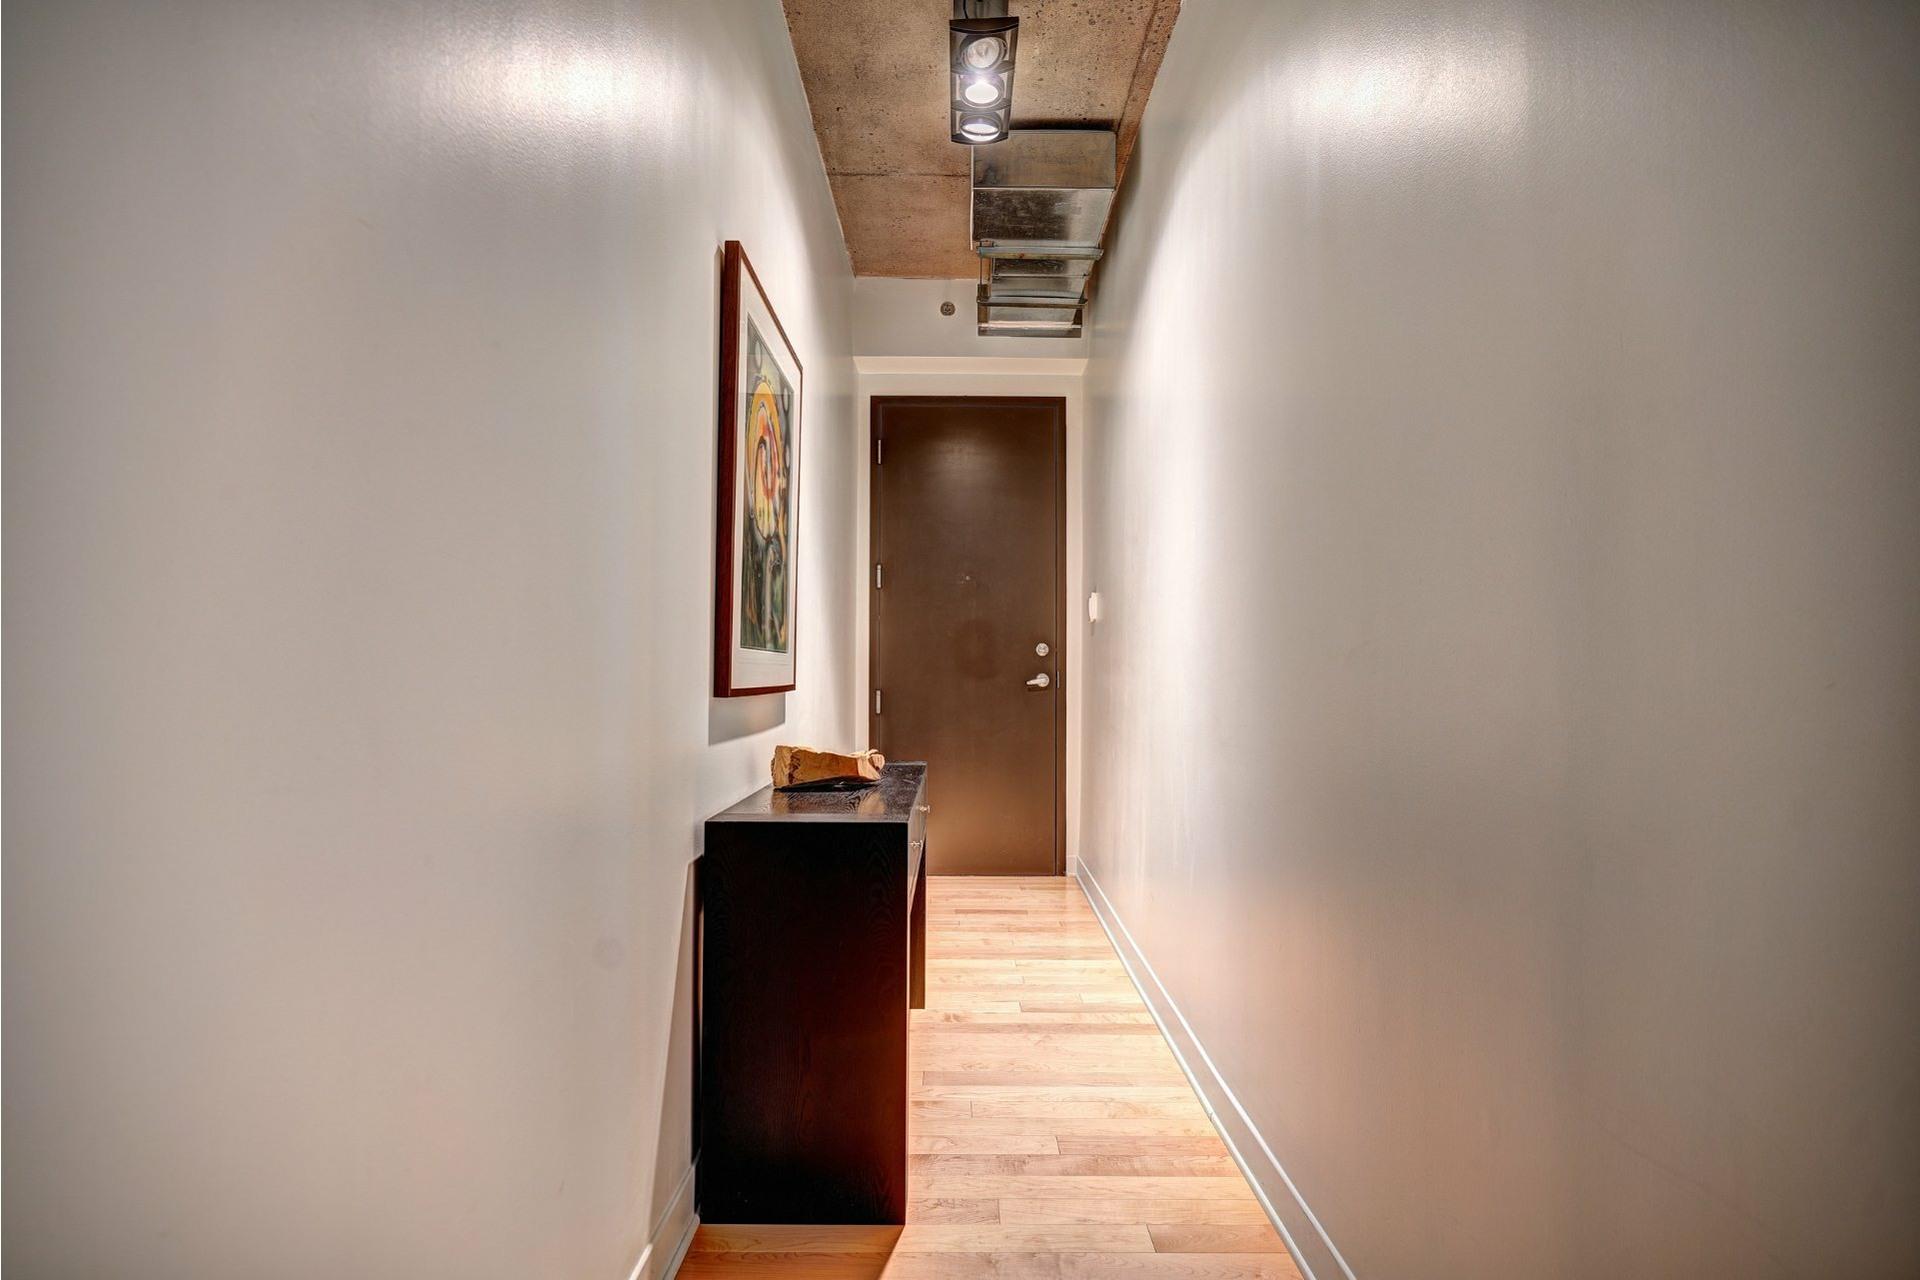 image 7 - Appartement À louer Villeray/Saint-Michel/Parc-Extension Montréal  - 8 pièces